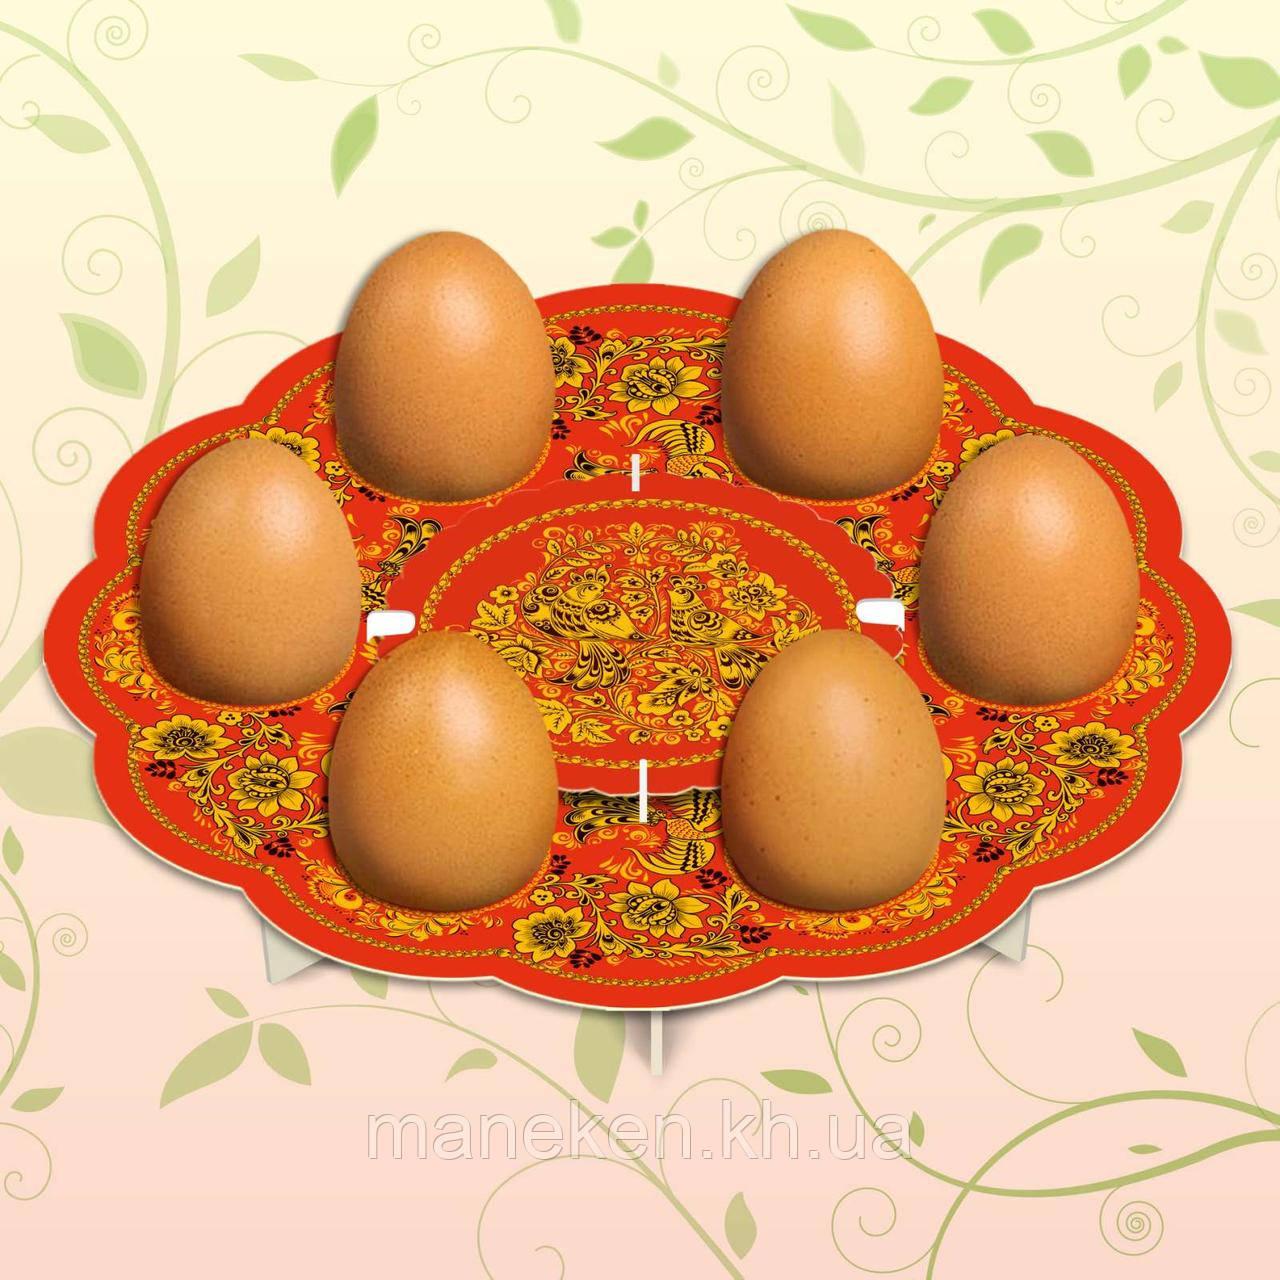 """Декоративна підставка для яєць №6 """"Хохлома"""" (6 яєць) тарілка (1 шт)"""